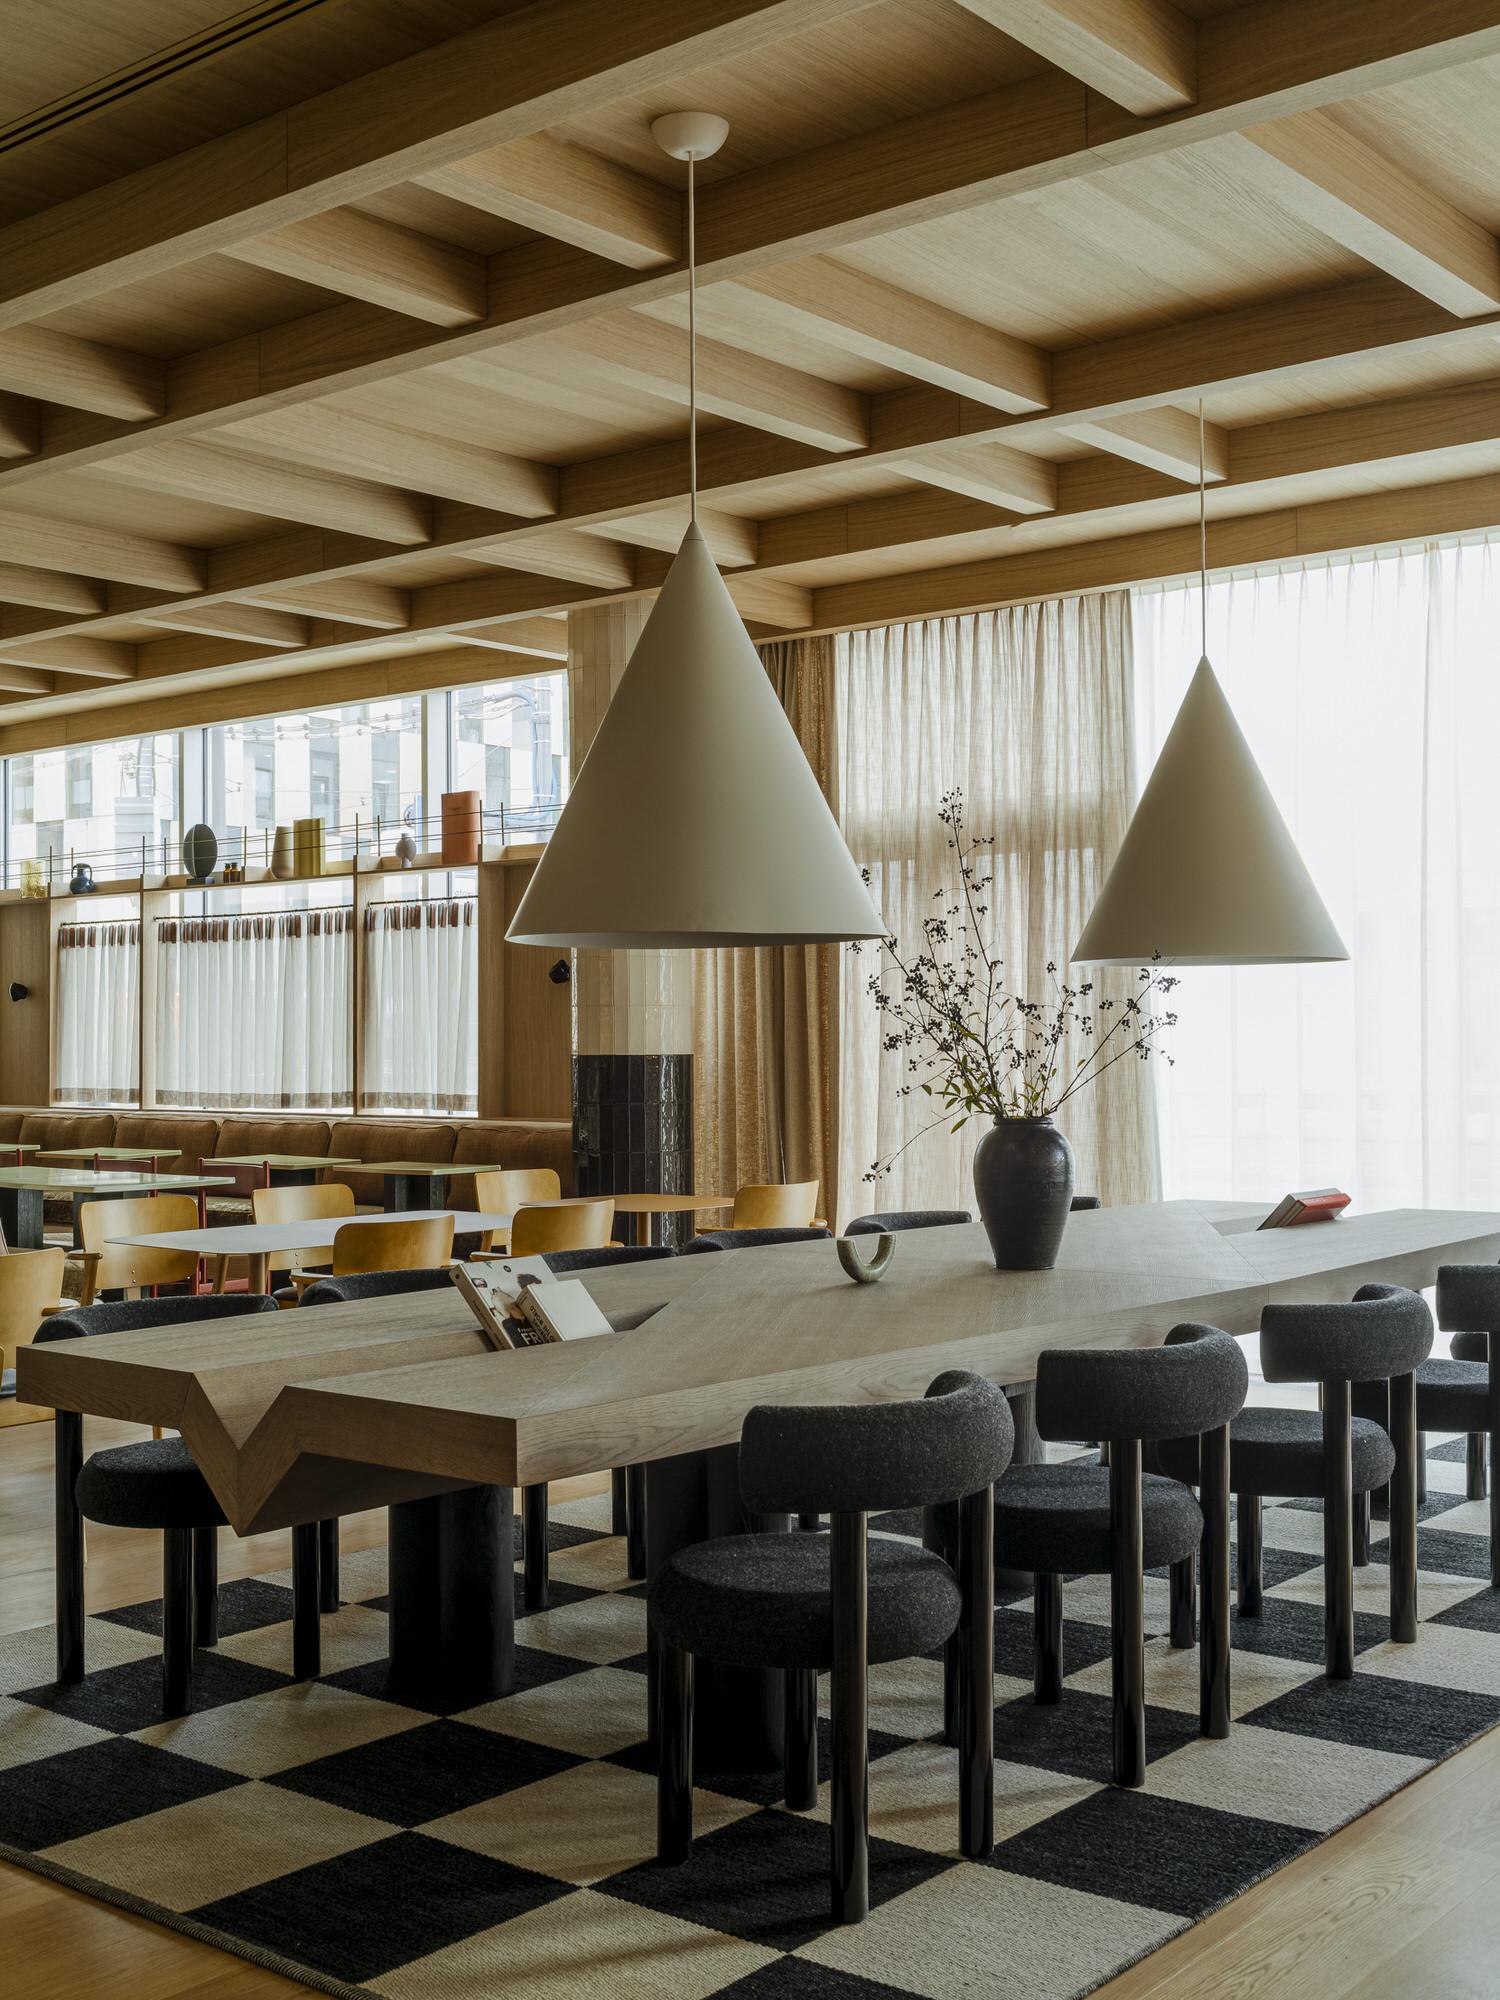 Paradowski Studio Puro Hotel Krakow Photo Pion Studio Yellowtrace 21